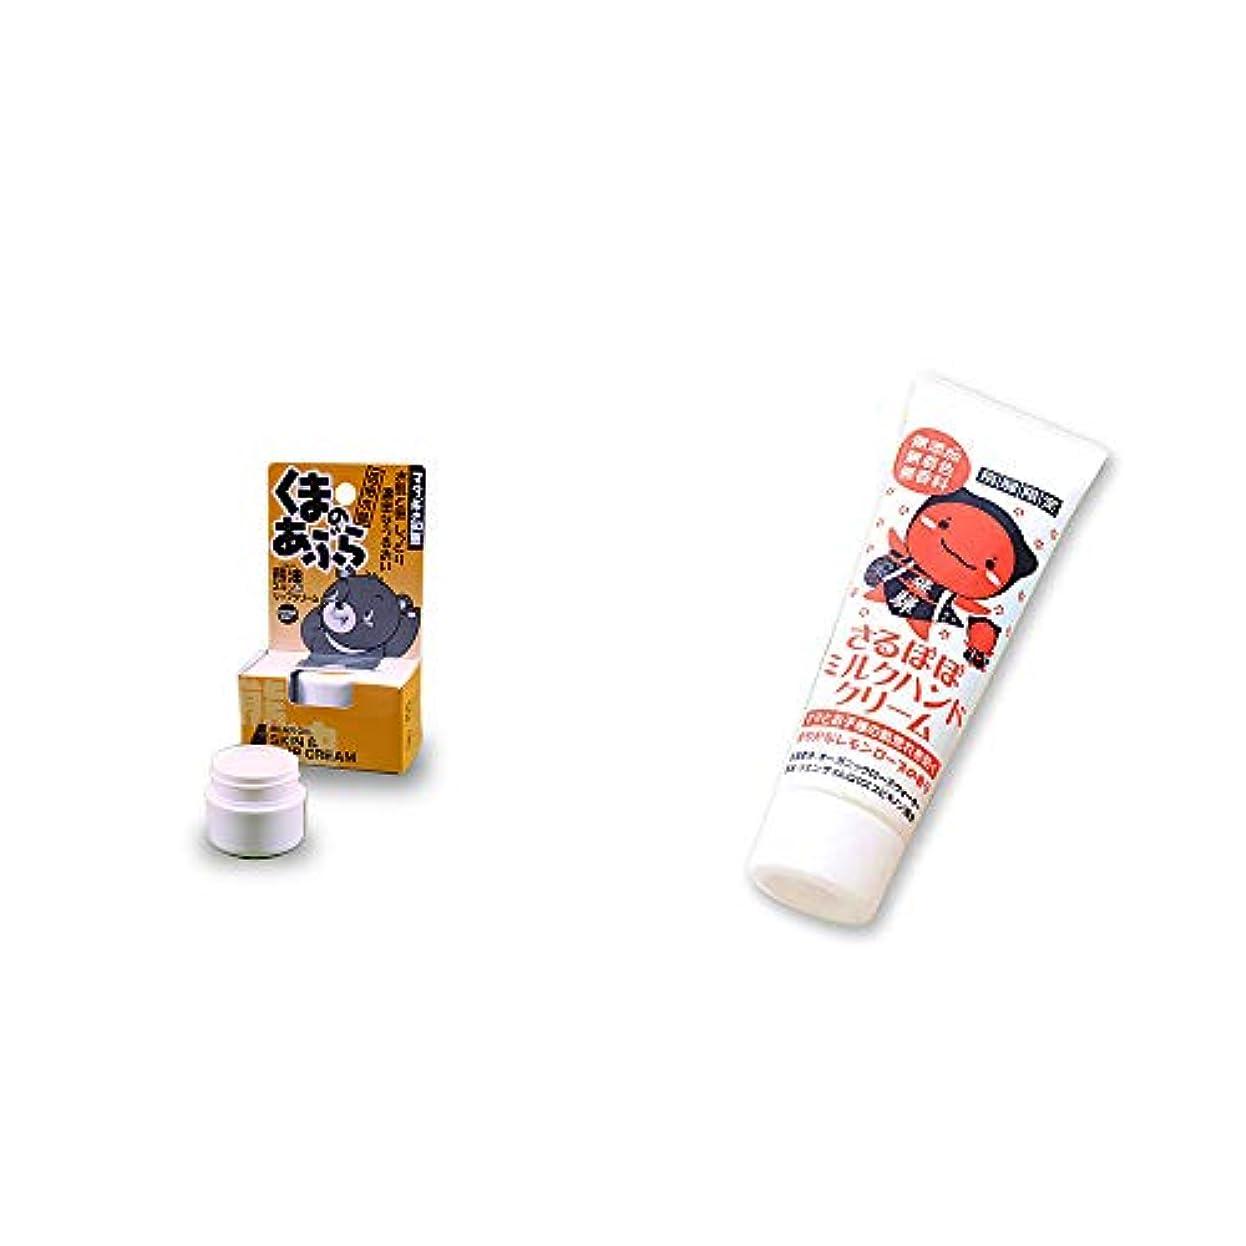 再現する責典型的な[2点セット] 信州木曽 くまのあぶら 熊油スキン&リップクリーム(9g)?さるぼぼ ミルクハンドクリーム(50g)